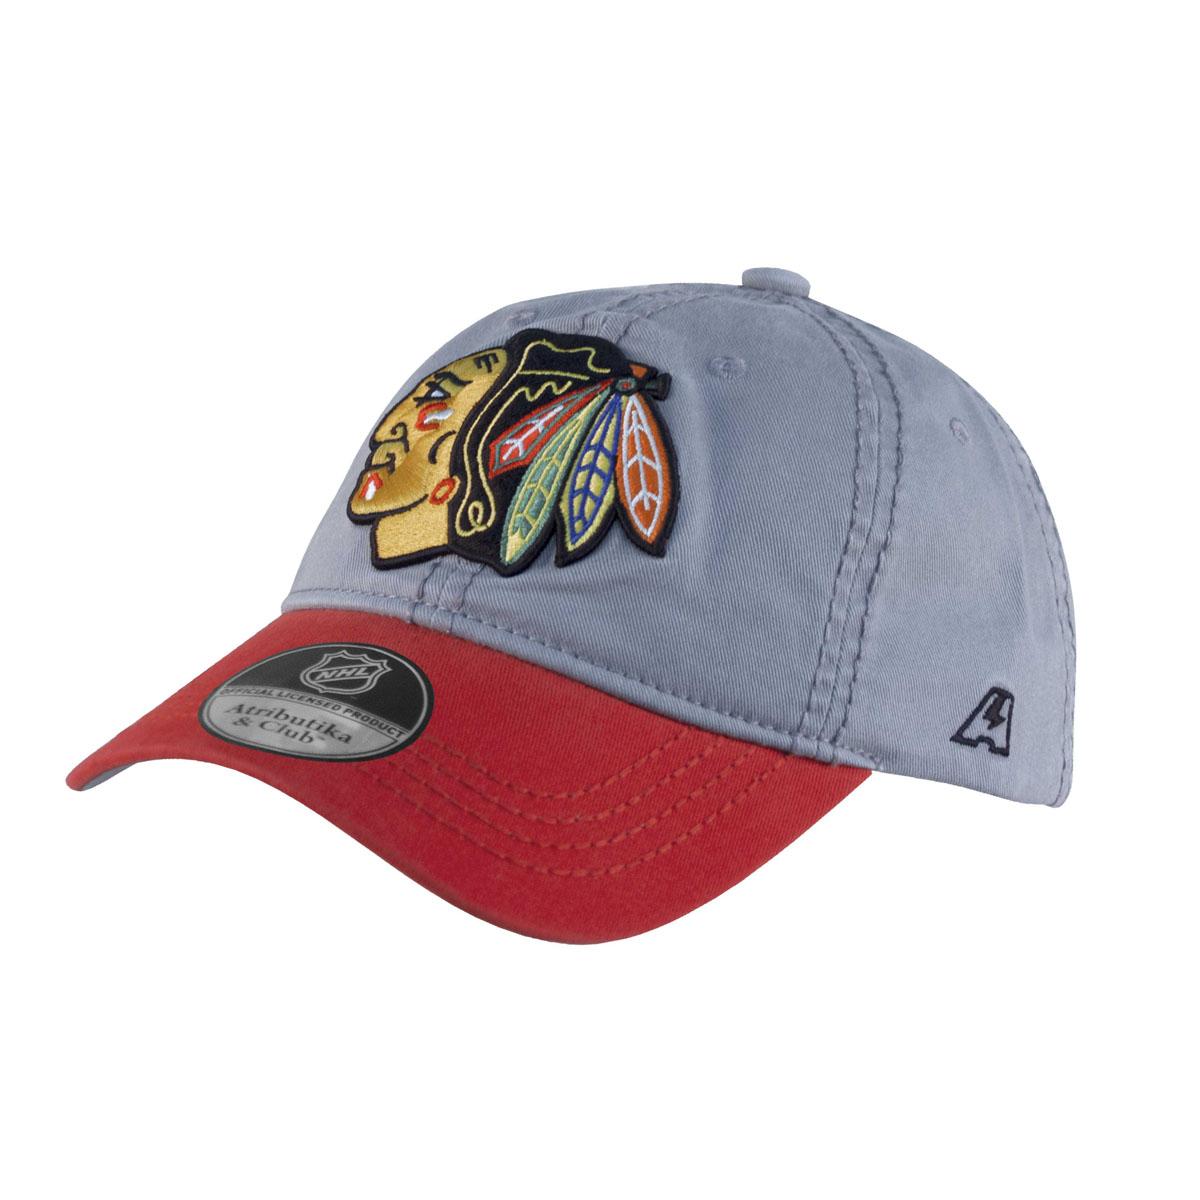 Бейсболка NHL Chicago Blackhawks, цвет: серо-красный. 2906. Размер L\XL (55-58)2906Все изображения - вышиты. Металлический фиксатор с гравировкой логотипа. Состав:100% хлопок